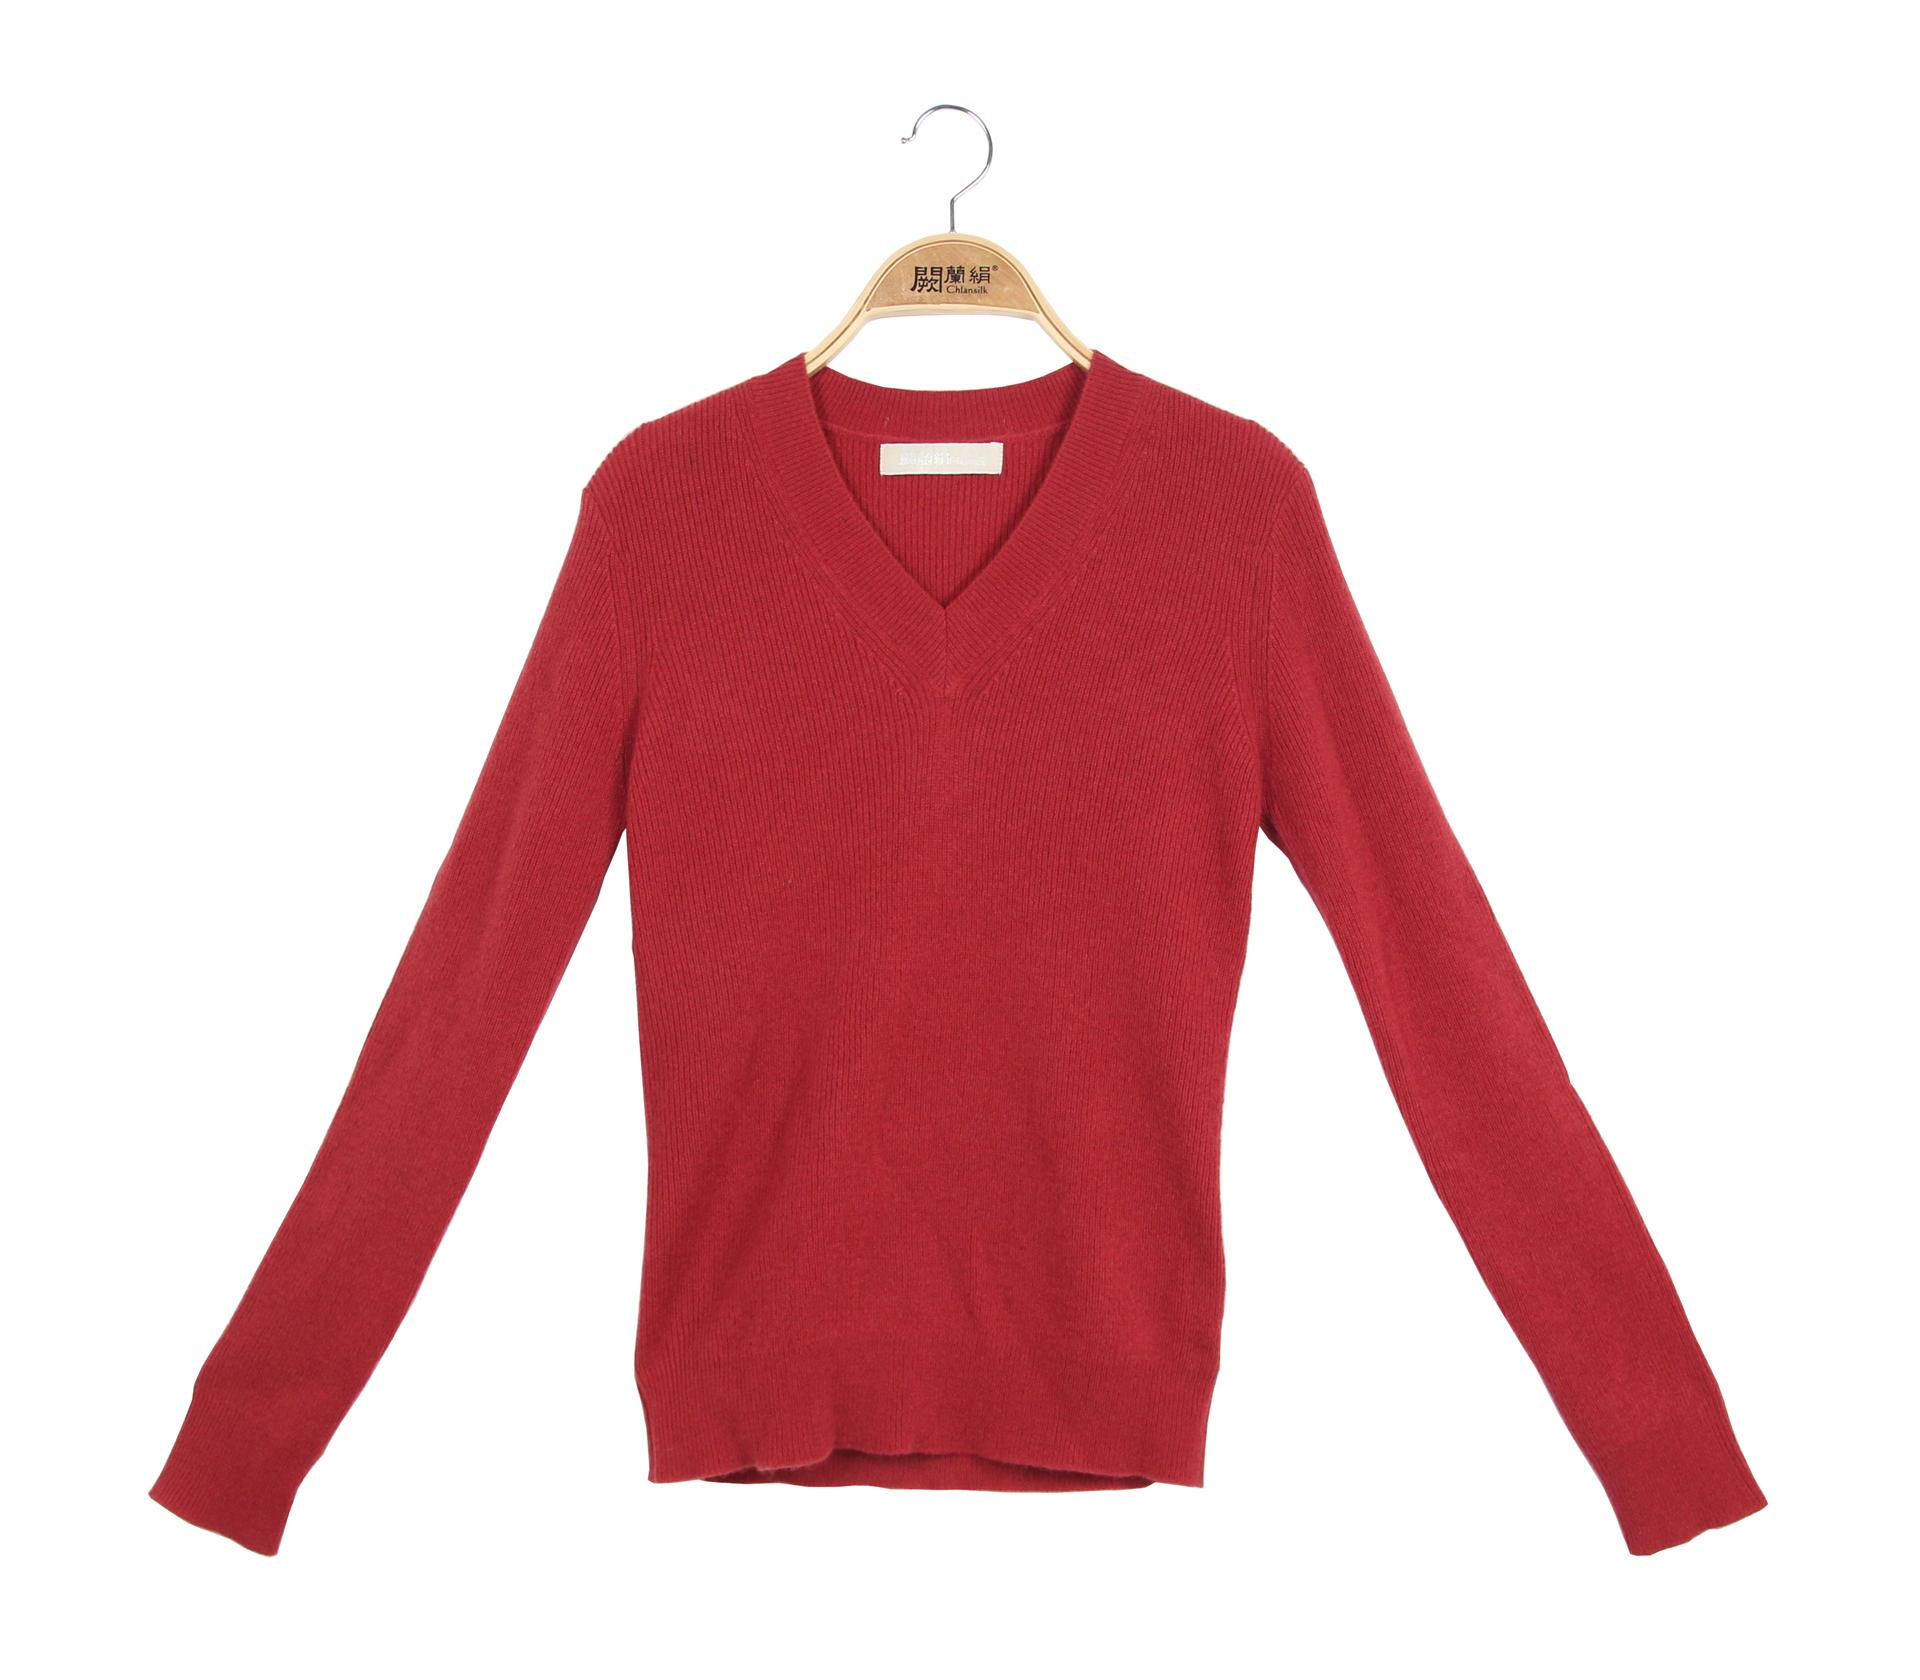 闕蘭絹100%羊絨V領長袖針織上衣 - 紅色 - 3614